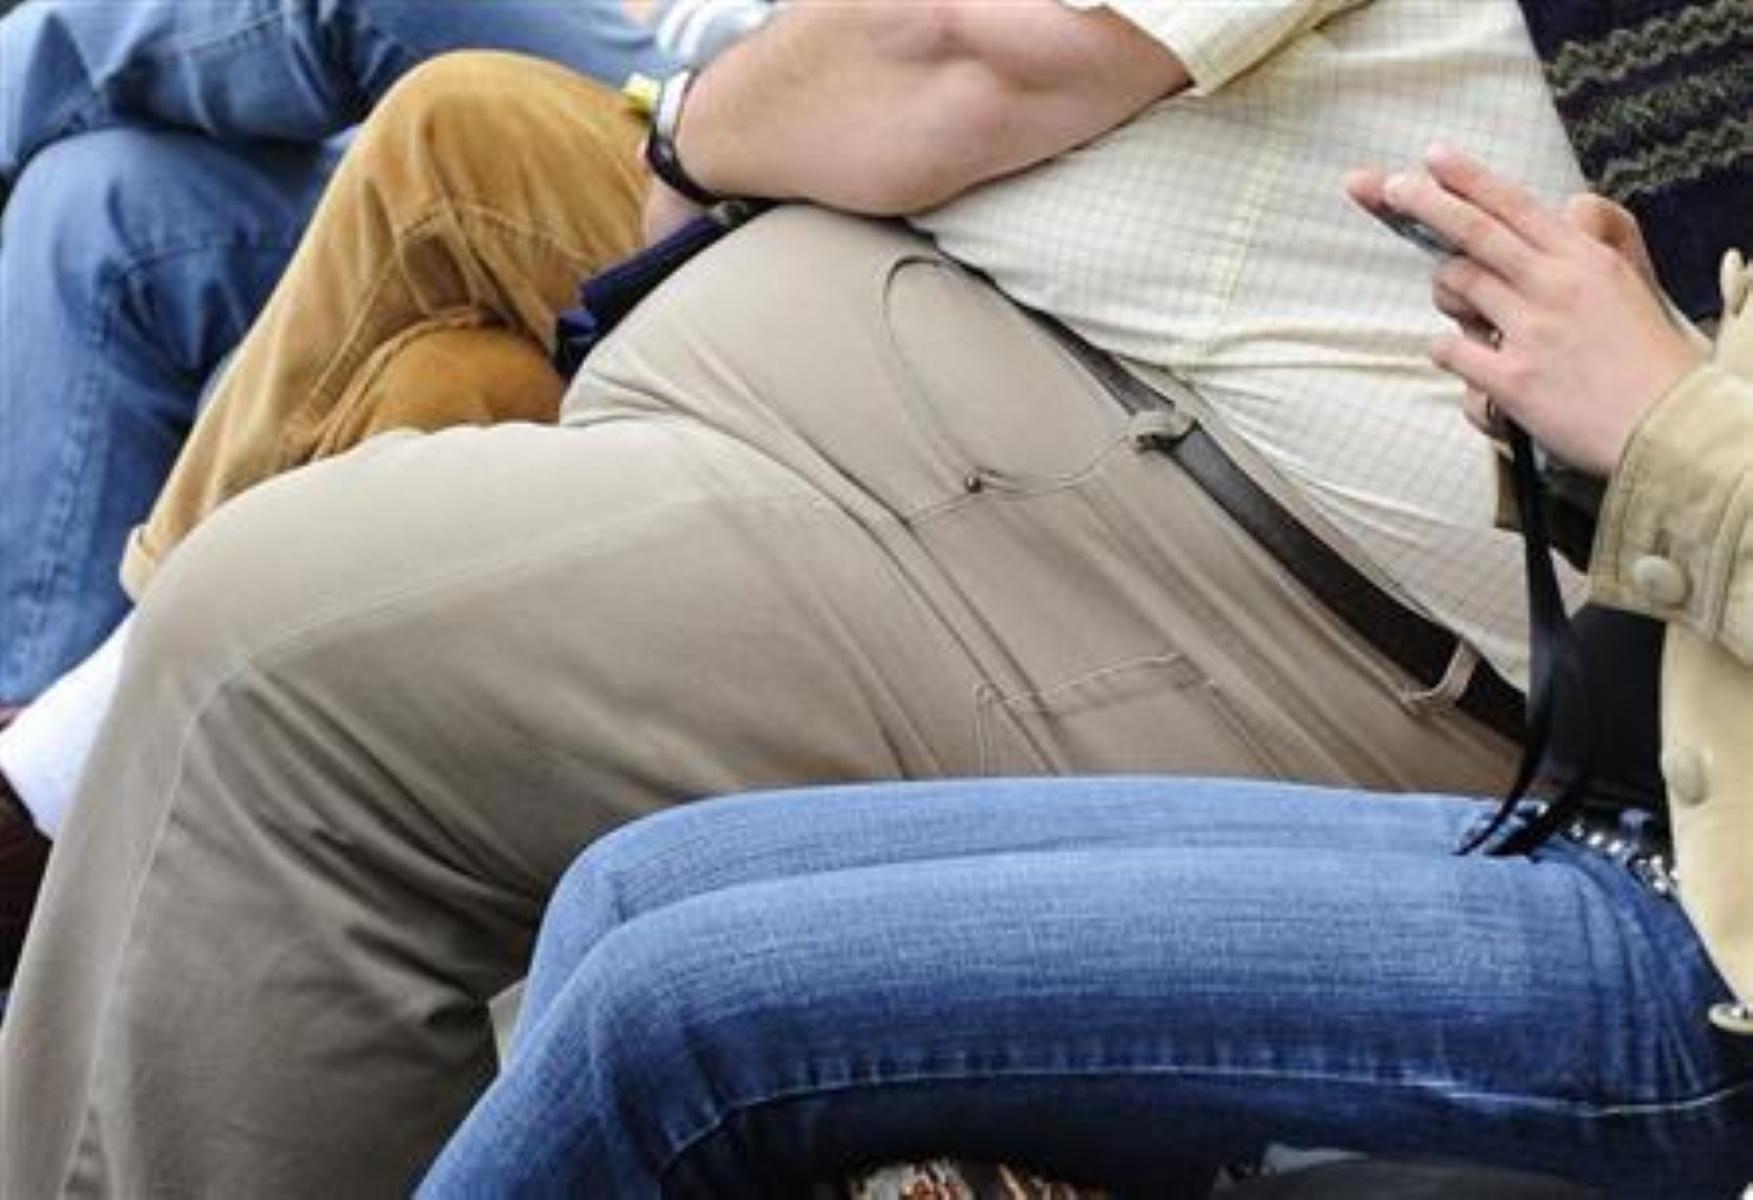 Εμβόλια κορονοϊού: Η παχυσαρκία μπορεί να επηρεάζει την αποτελεσματικότητα τους